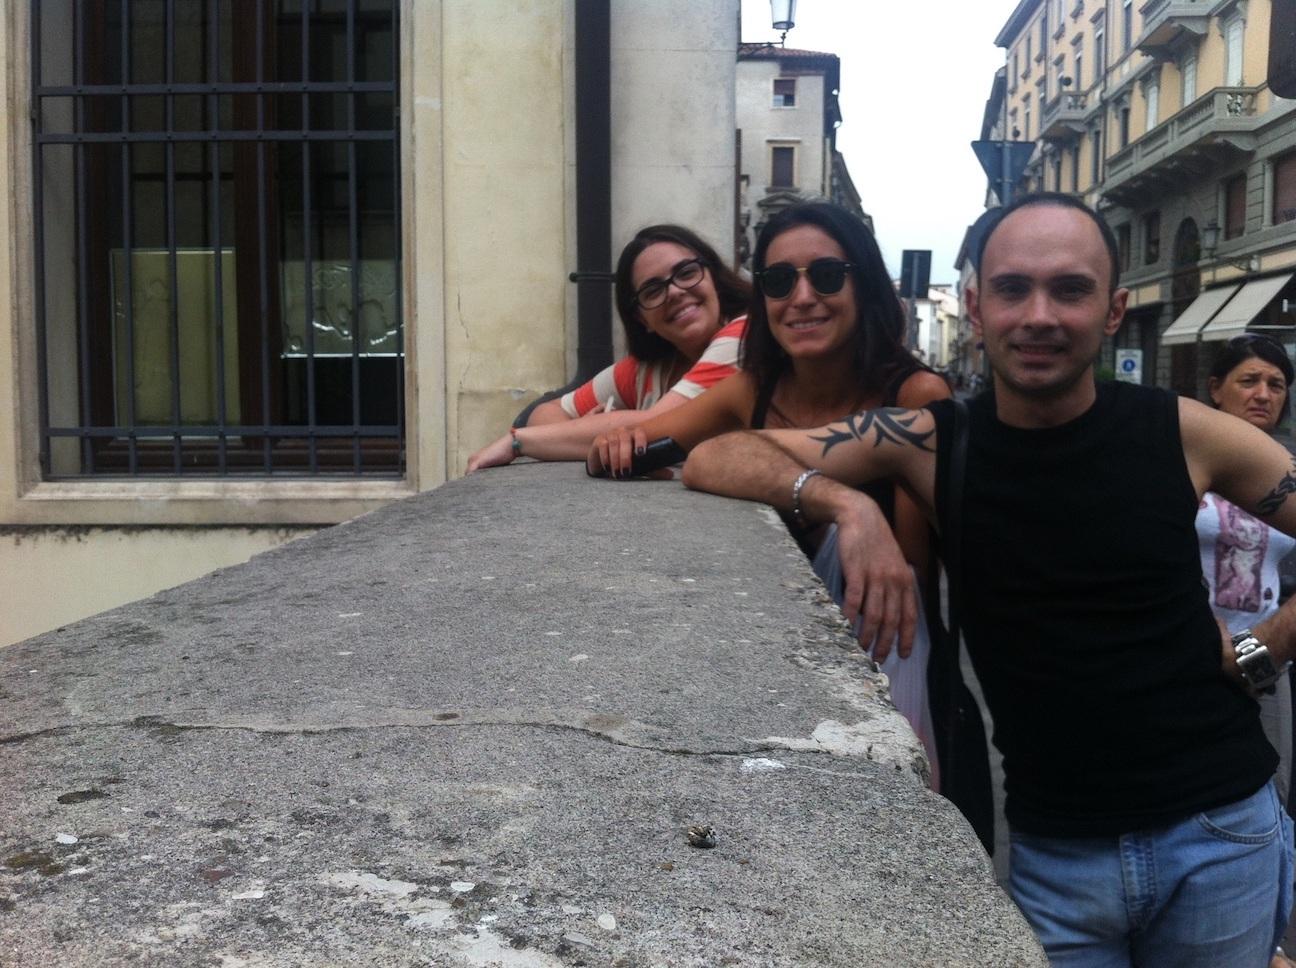 Η ιστορία του Dino Maglio, ενός Ιταλού ραπίστα που προτίμησε τους διεθνείς τουρίστες, είπε σε νέο Podcast